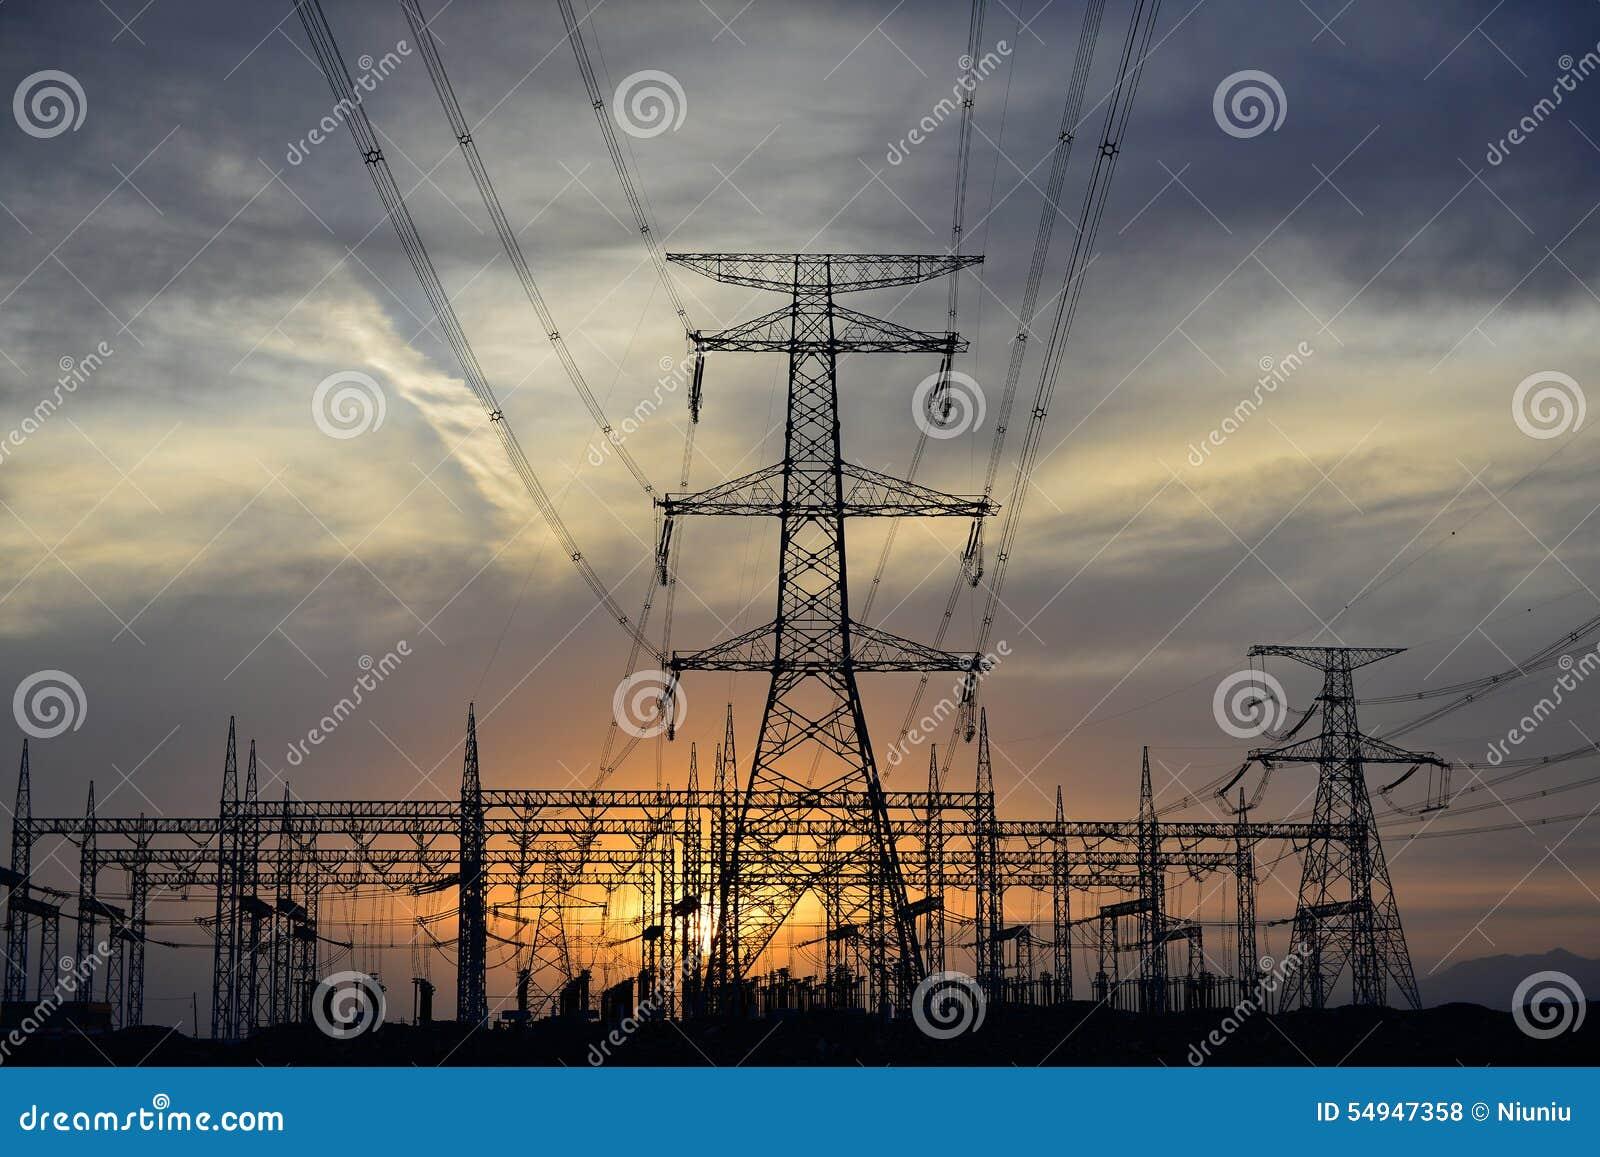 UHV transmission tower